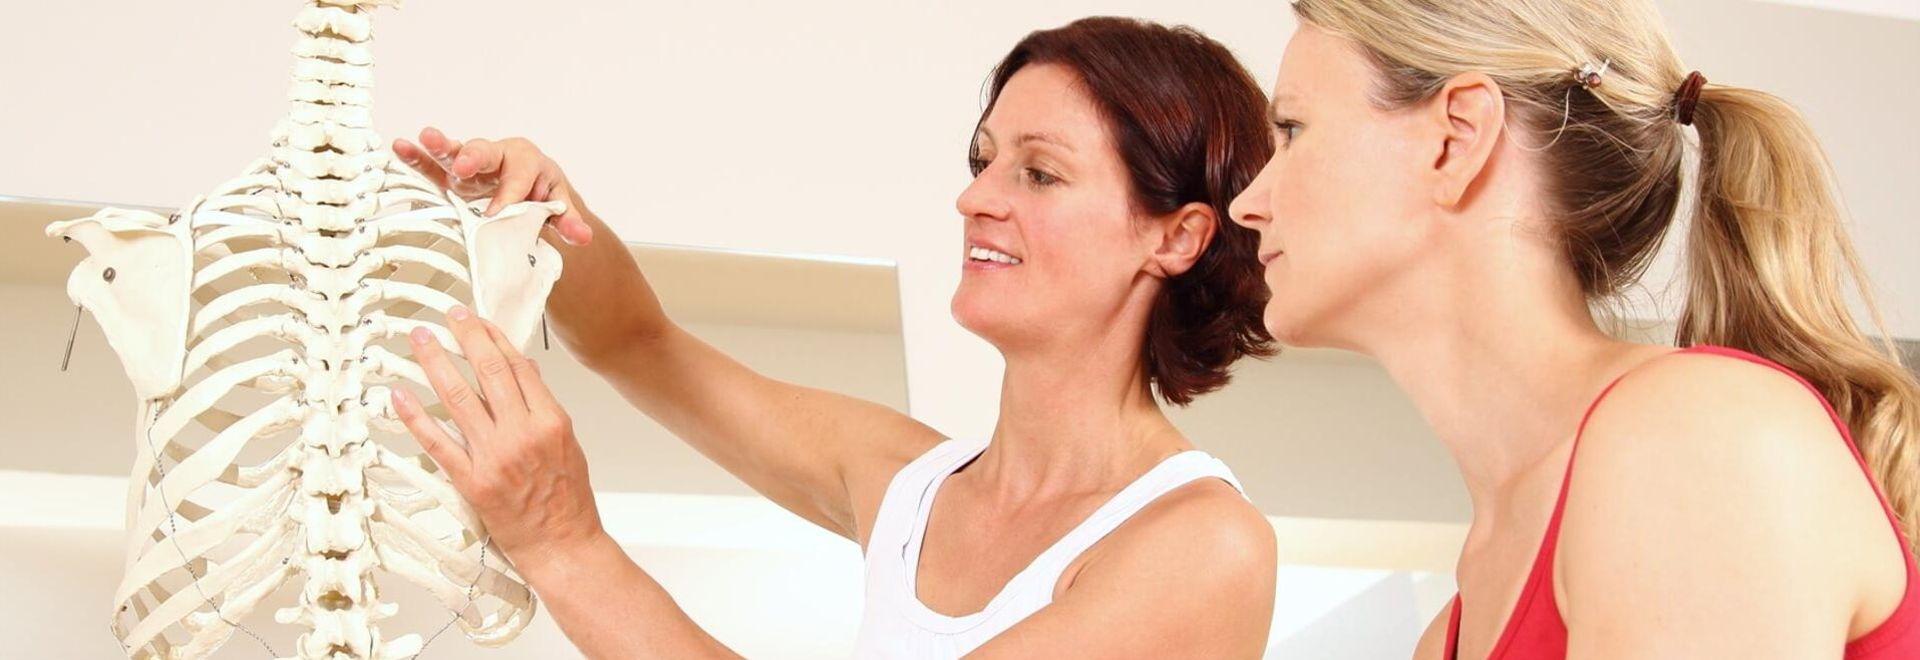 Coaching für die Eröffnung einer eigenen Praxis für Körperarbeit